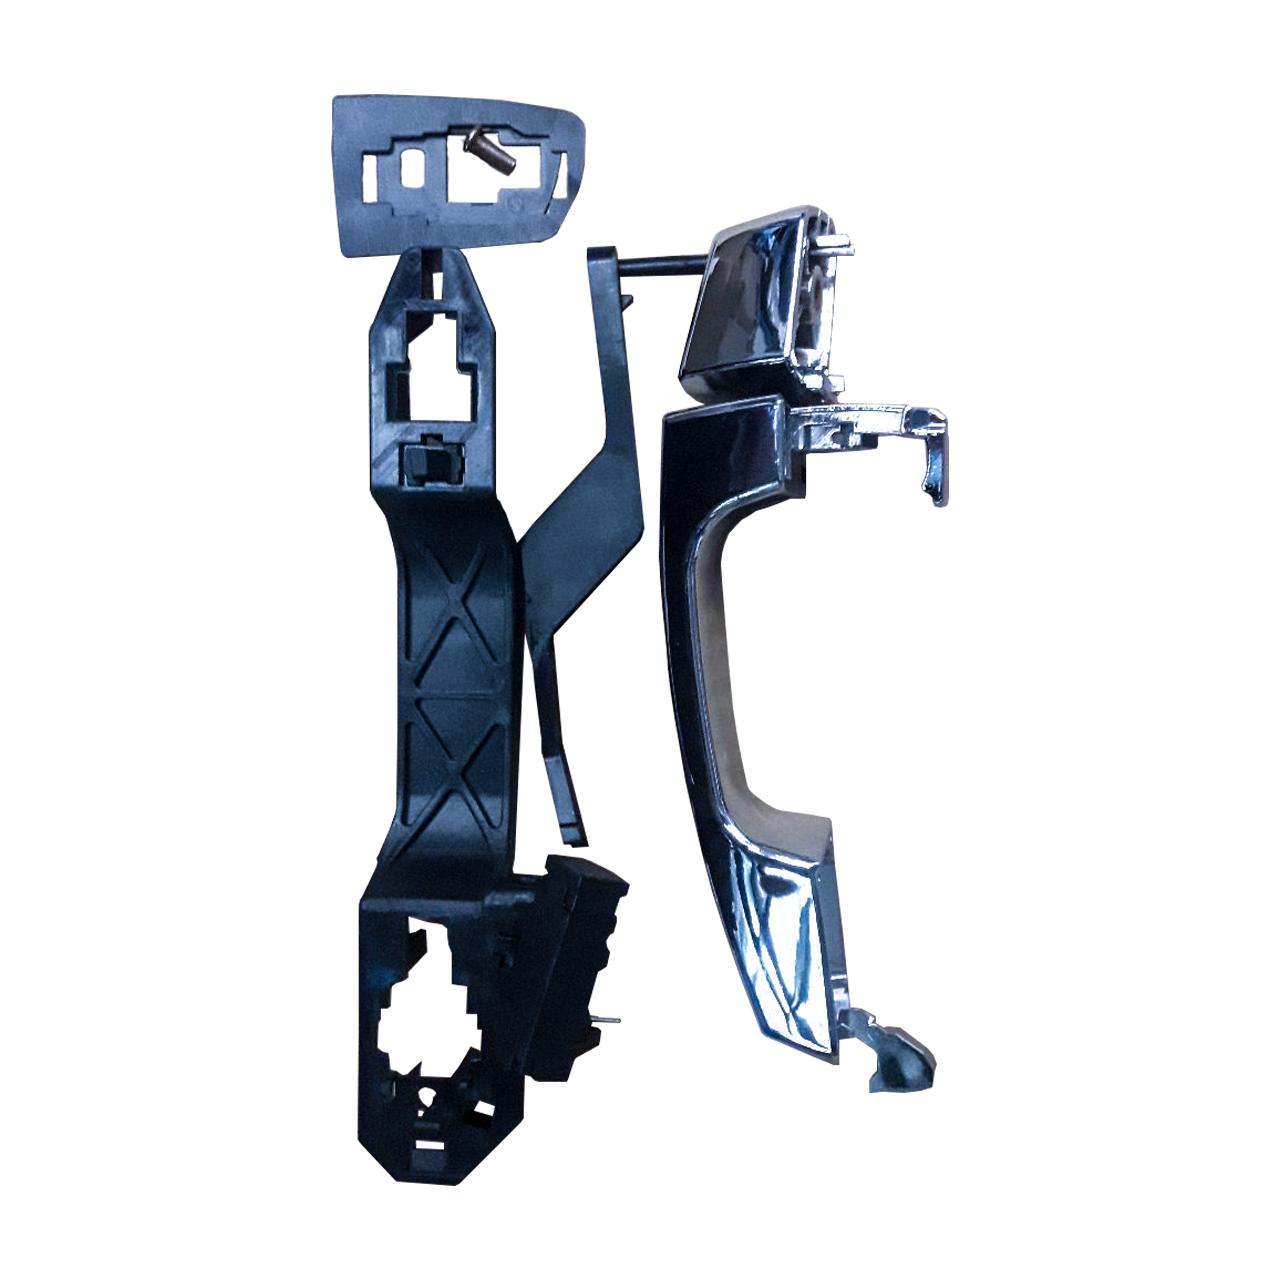 دستگیره بیرونی عقب چپ در خودرو مدل S6205300A2 مناسب برای لیفان X60